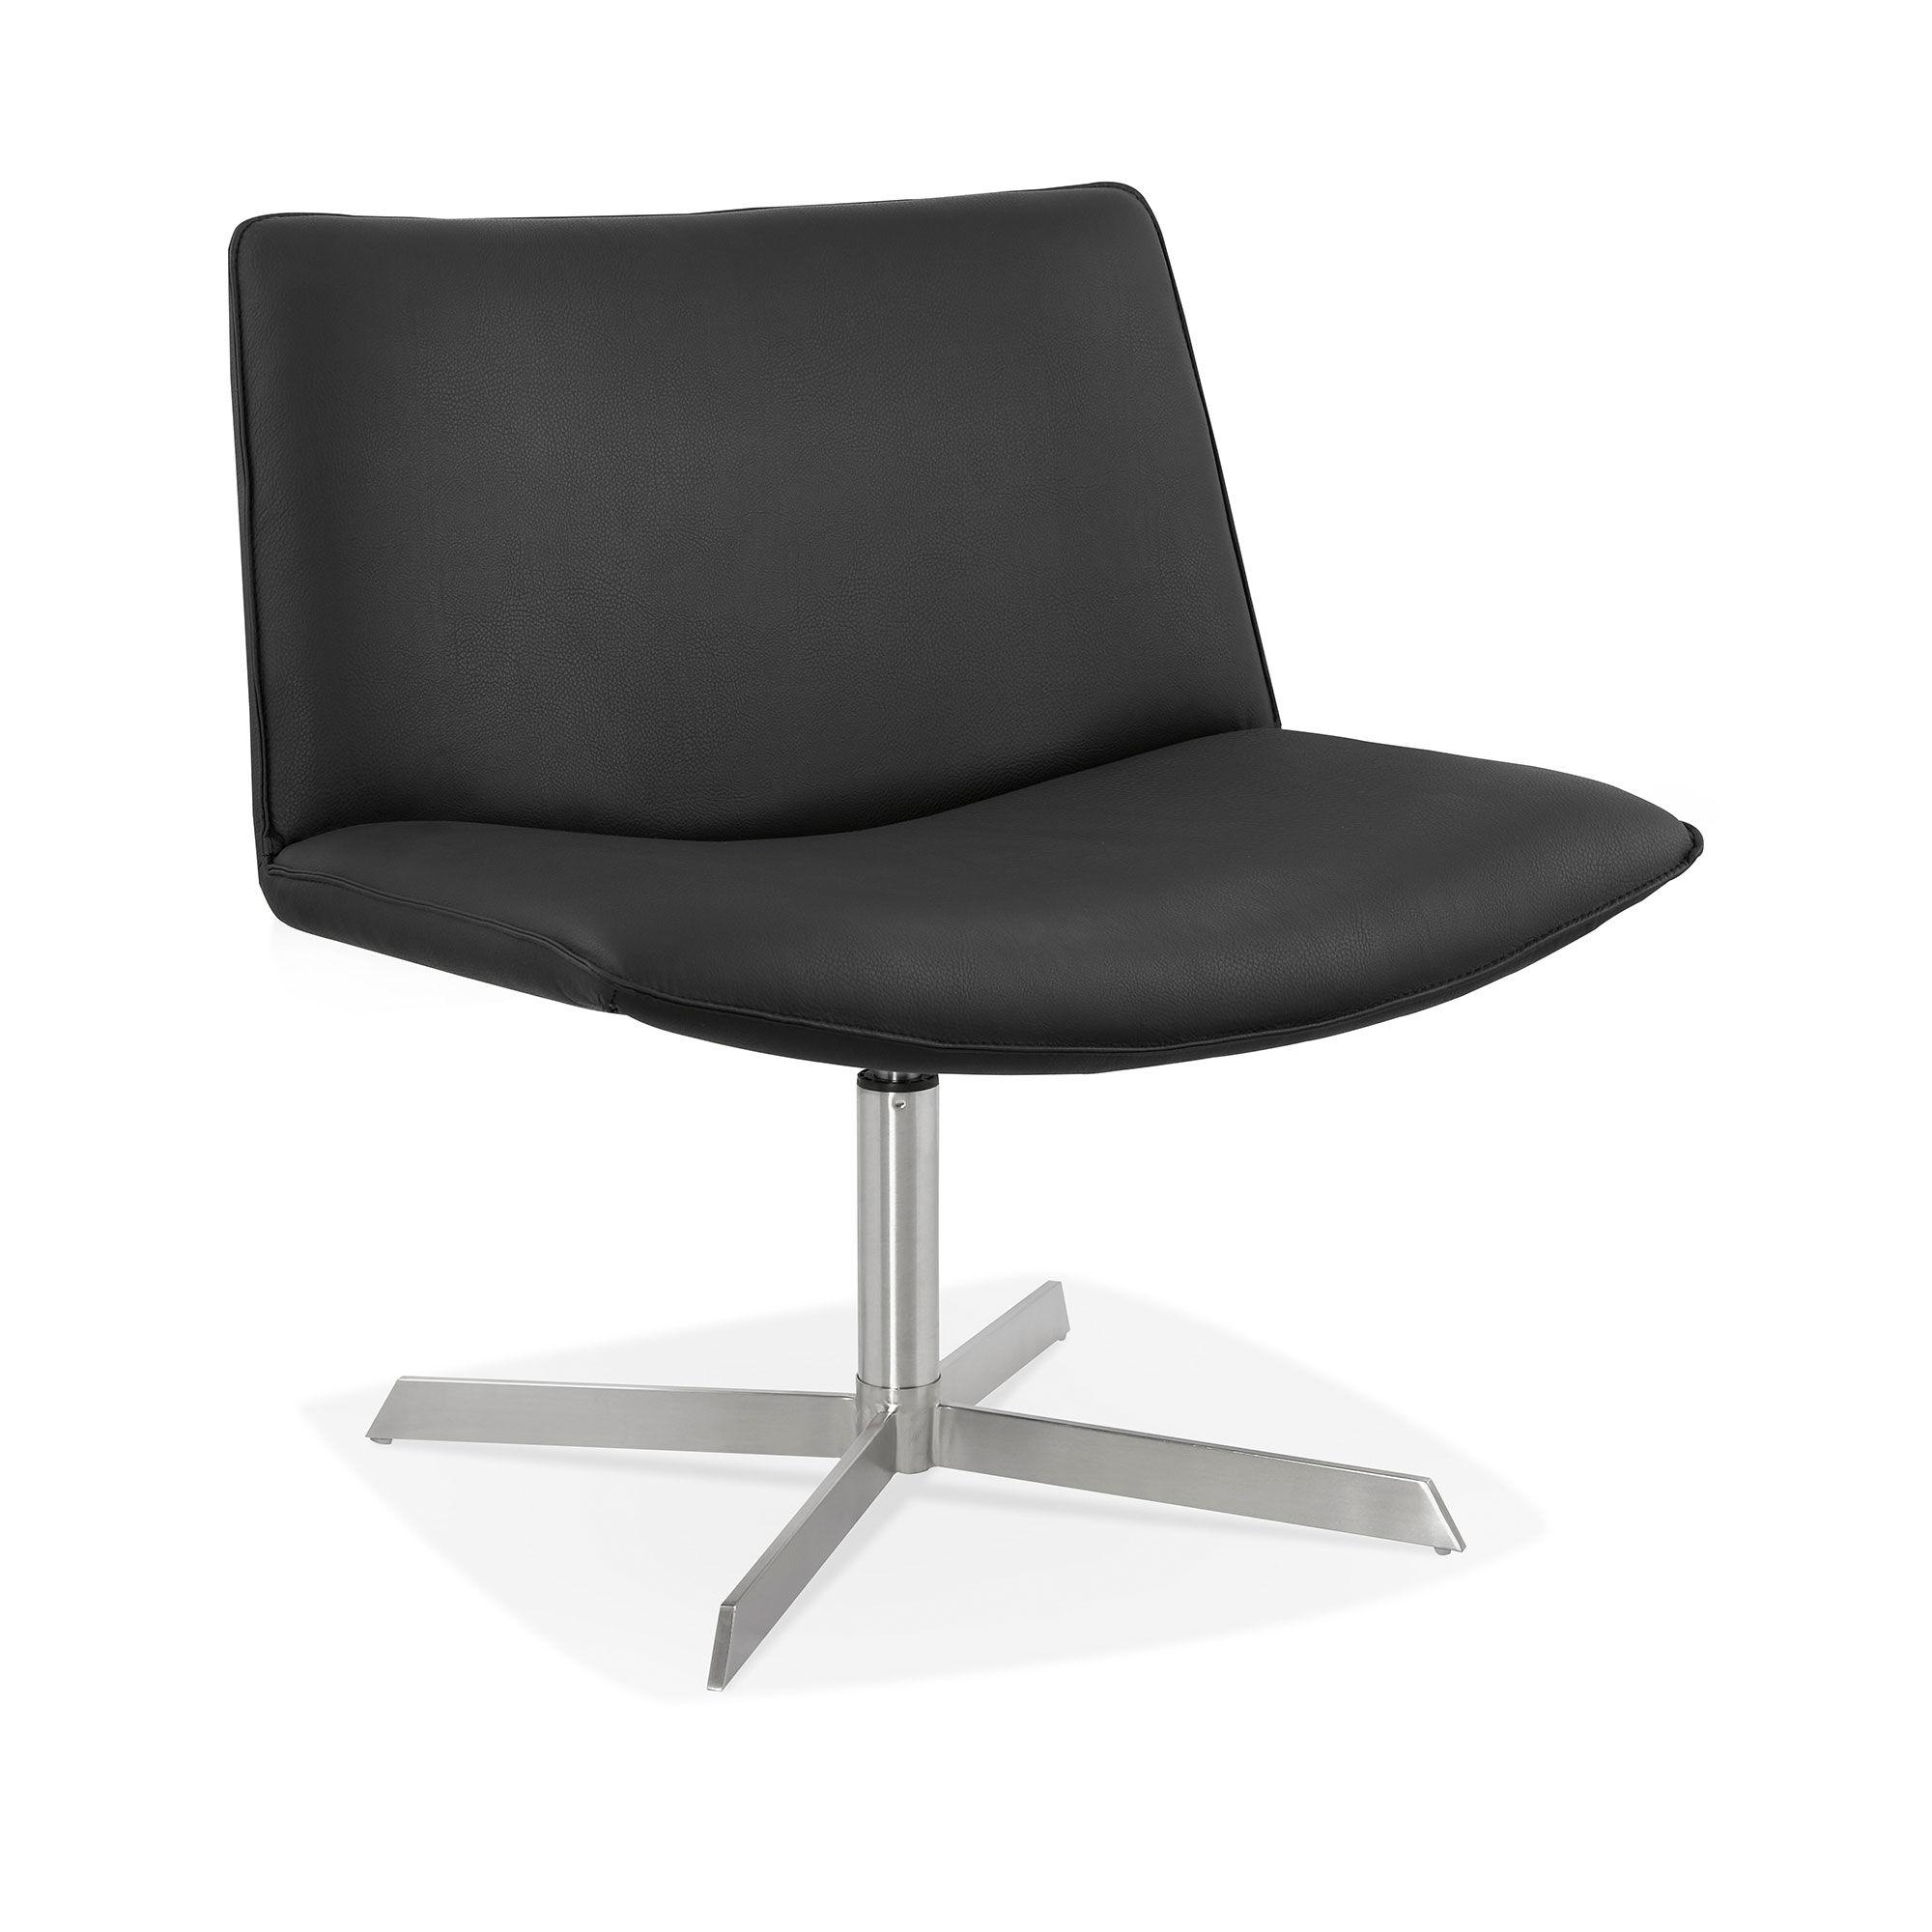 Chaise design 66x71,5x77 cm en PU noir